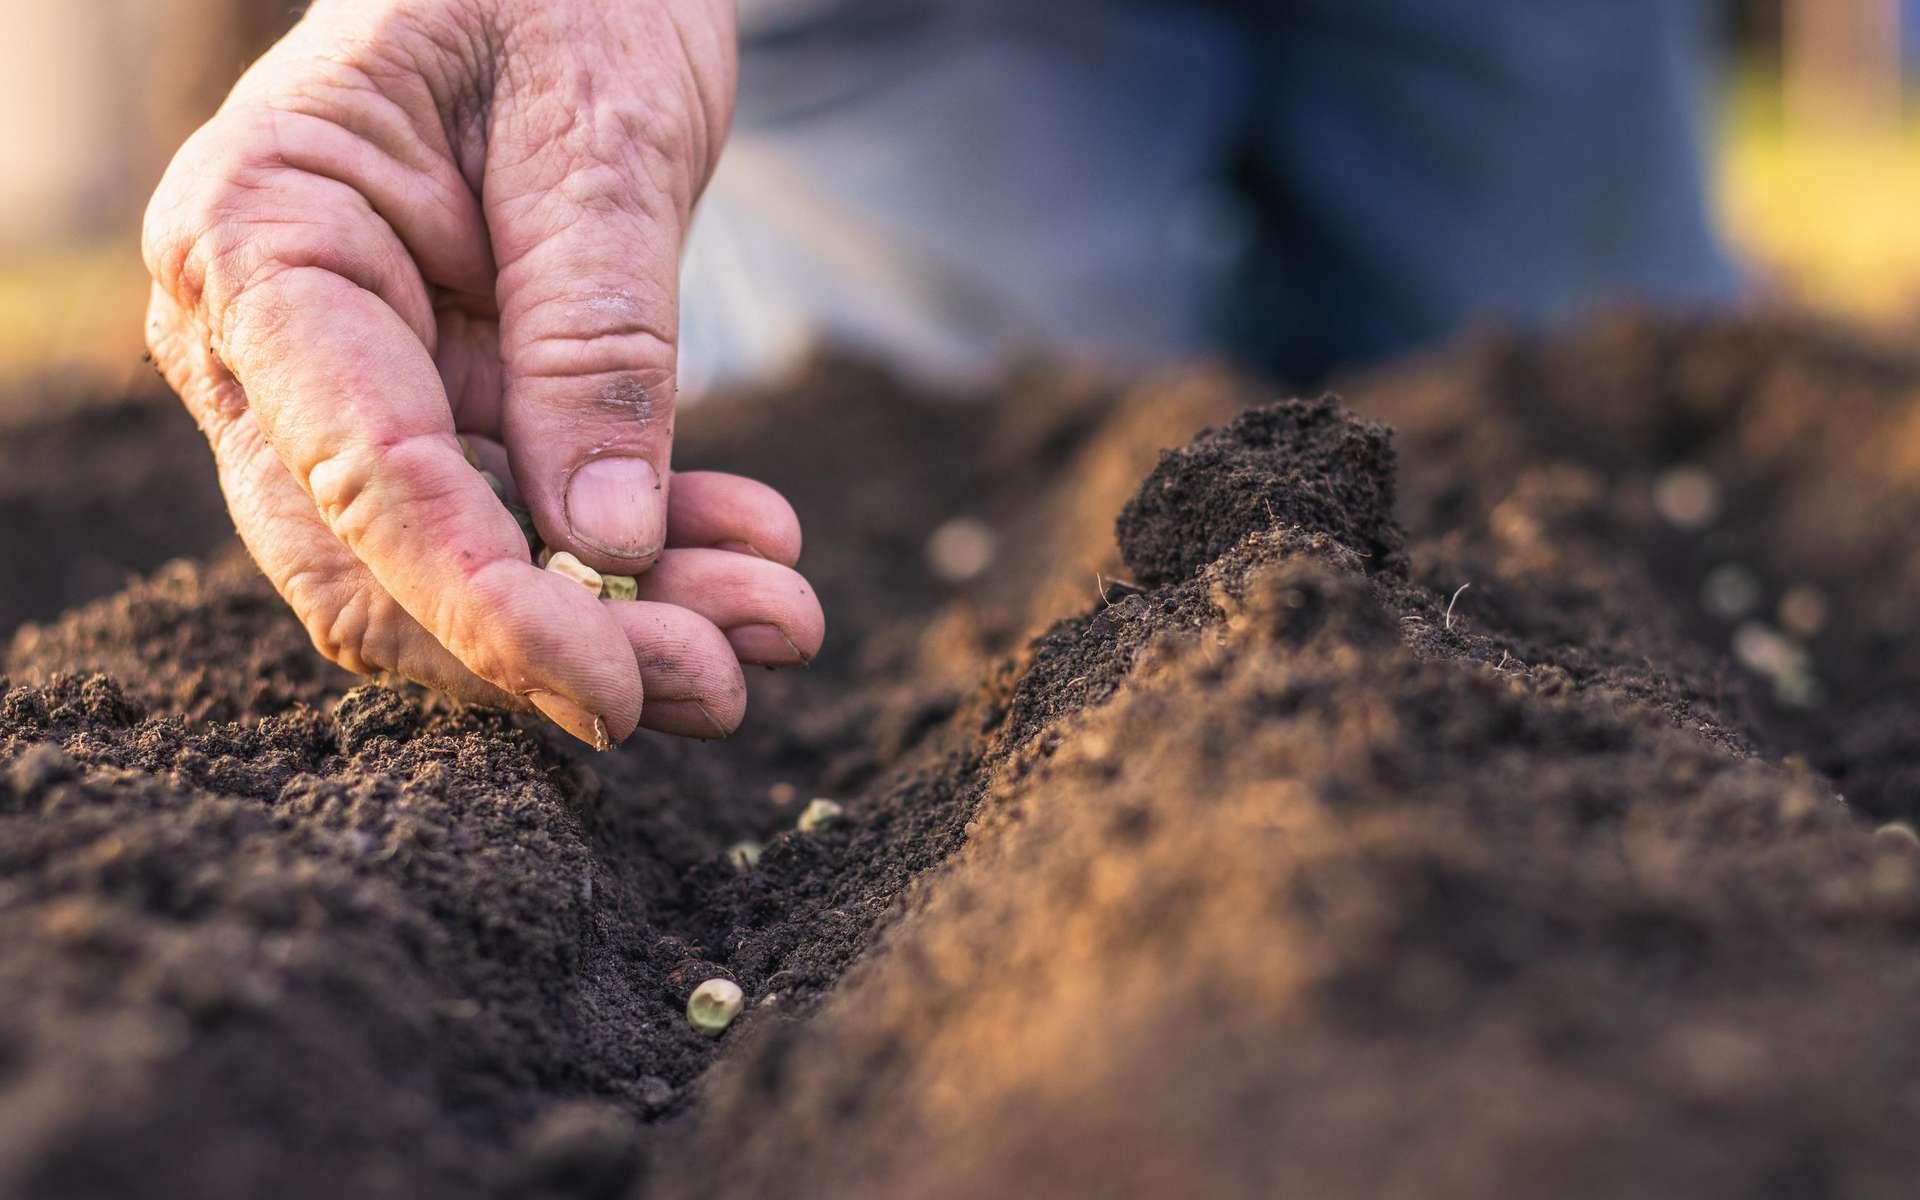 La quantité de phosphate présente dans les sols s'amenuise petit à petit. © Encierro, Adobe Stock